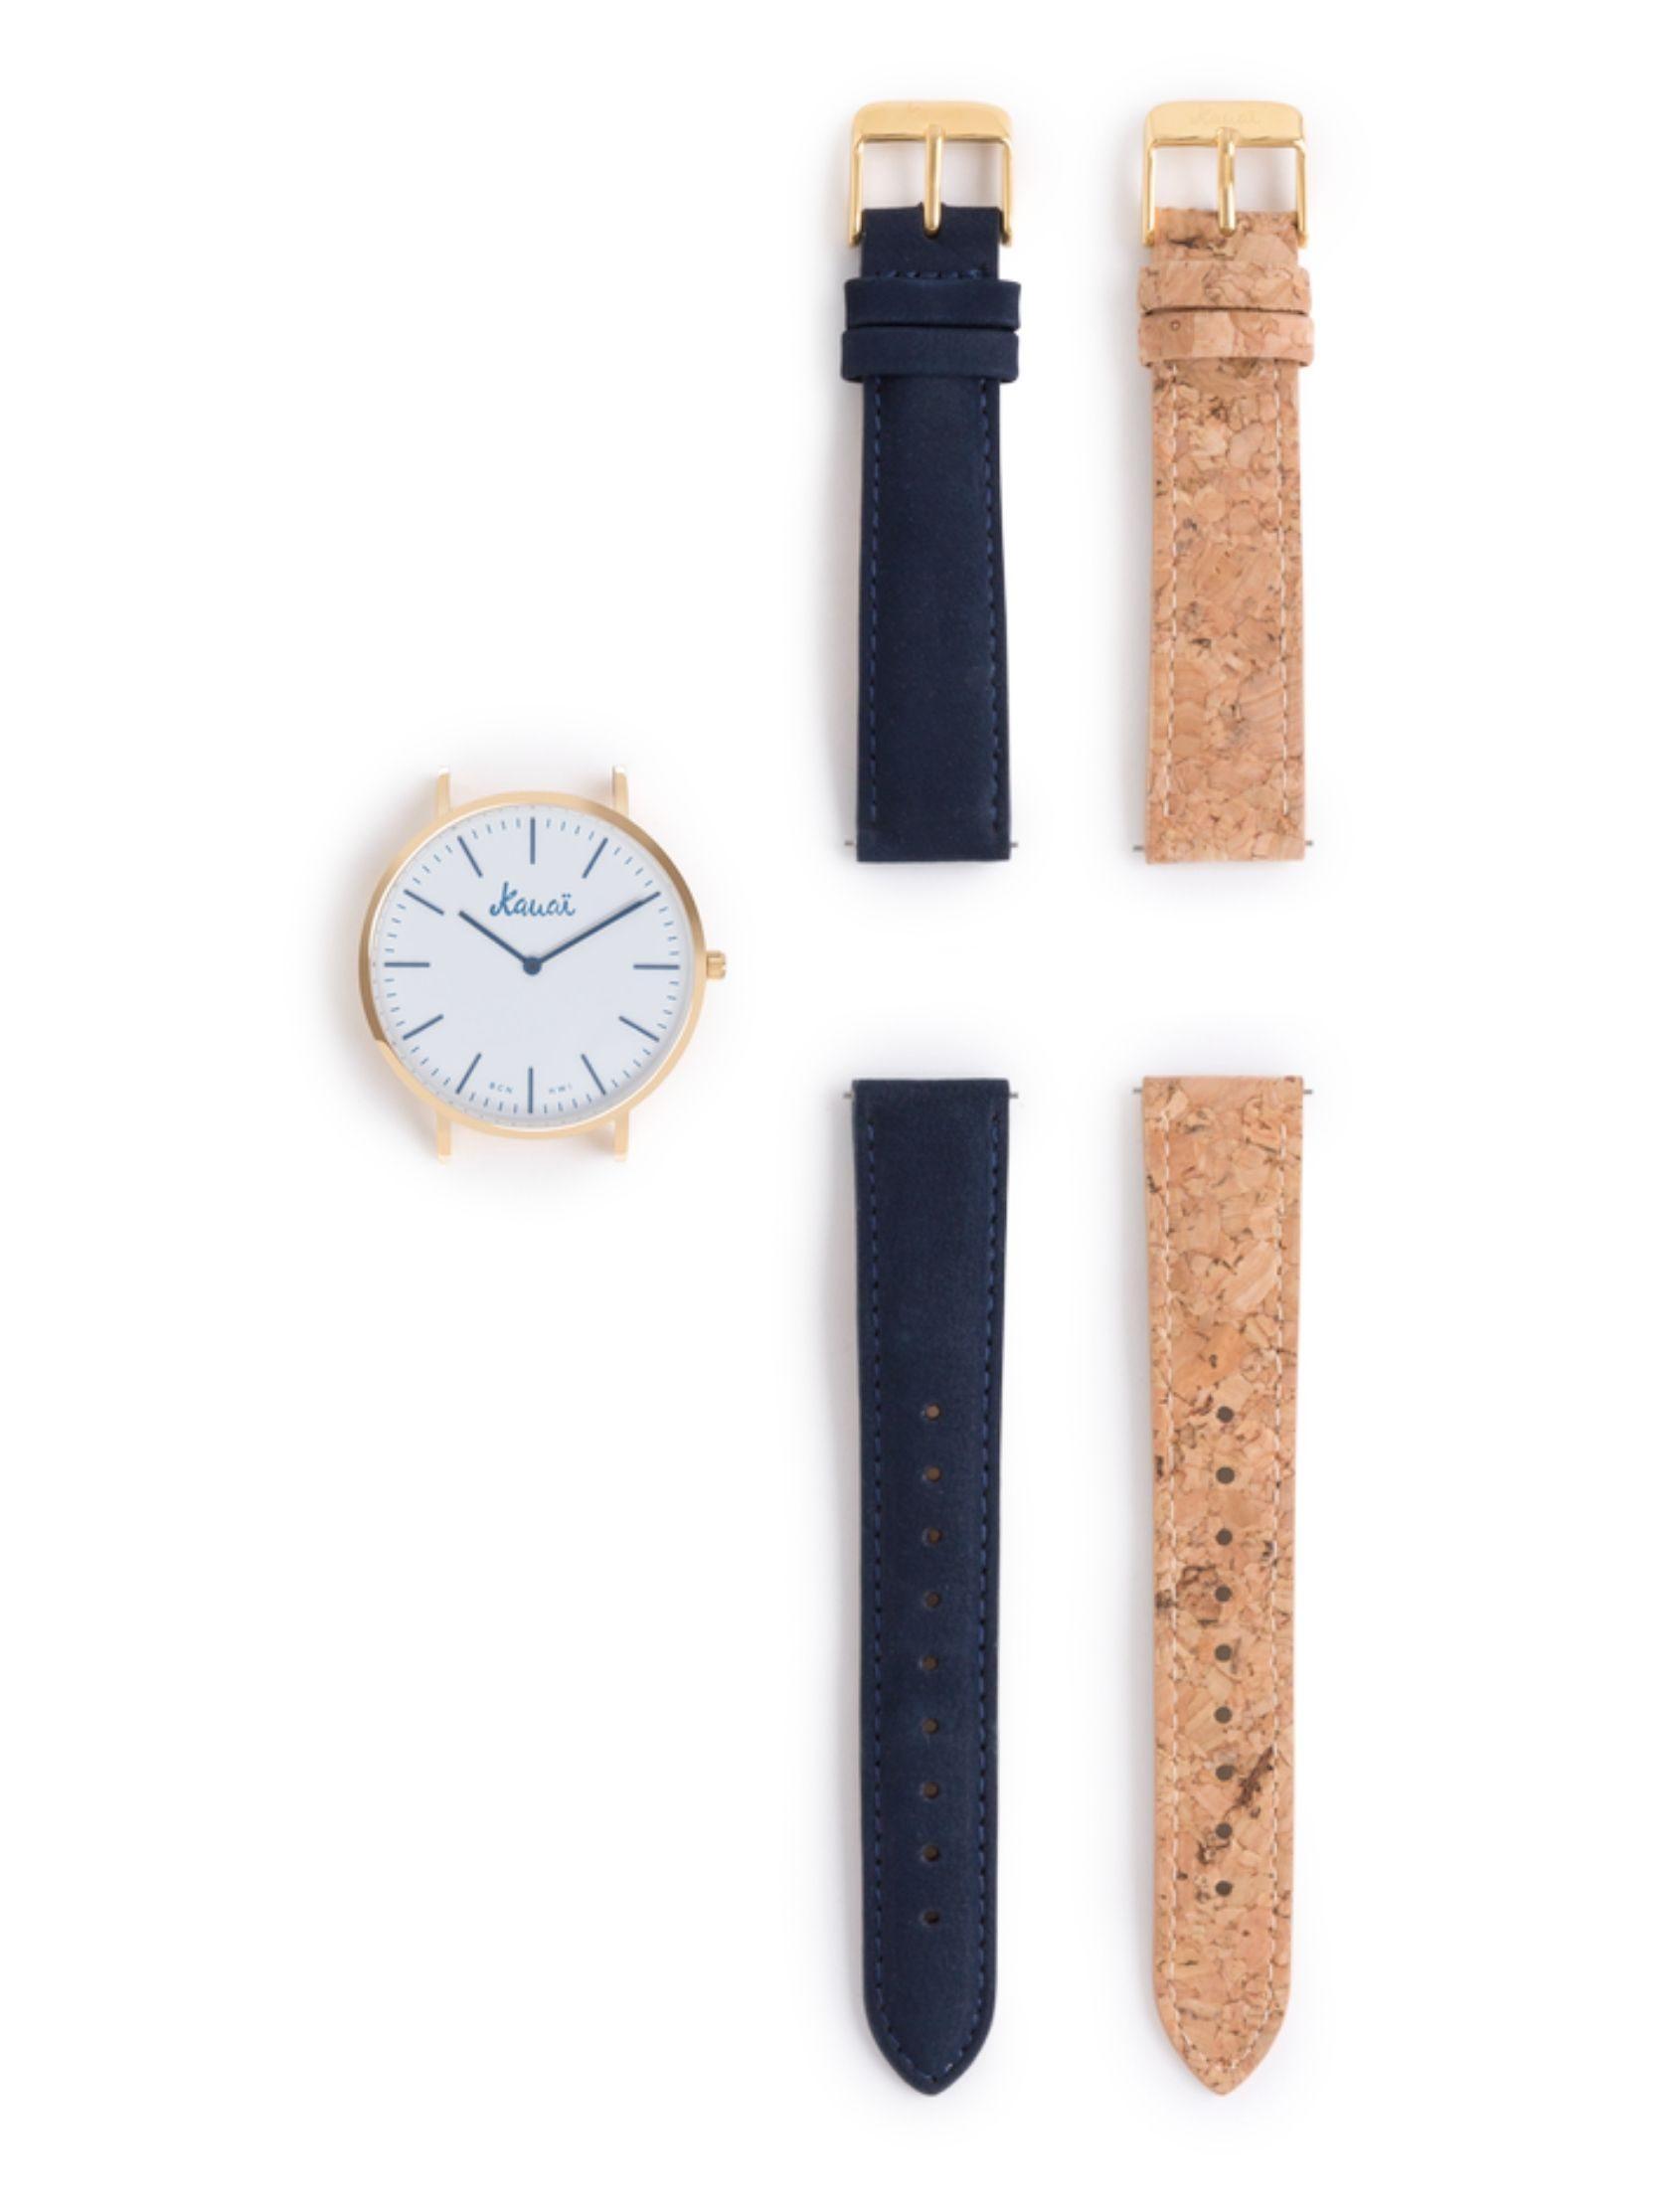 pack Reloj moana con esfera blanca y agujas azul marino. Correa de corcho y de cuero.